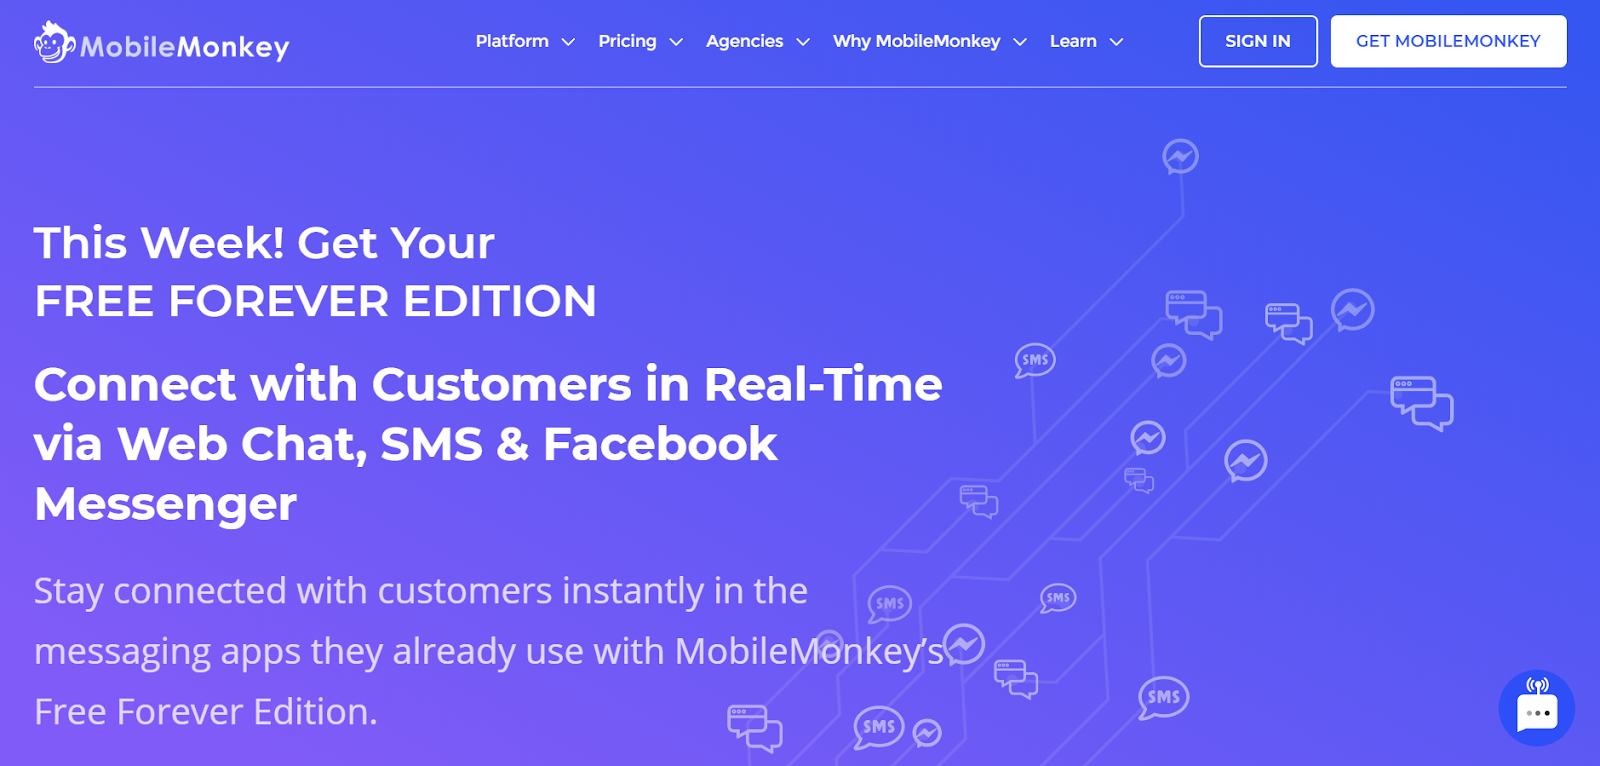 social media marketing tools for Facebook